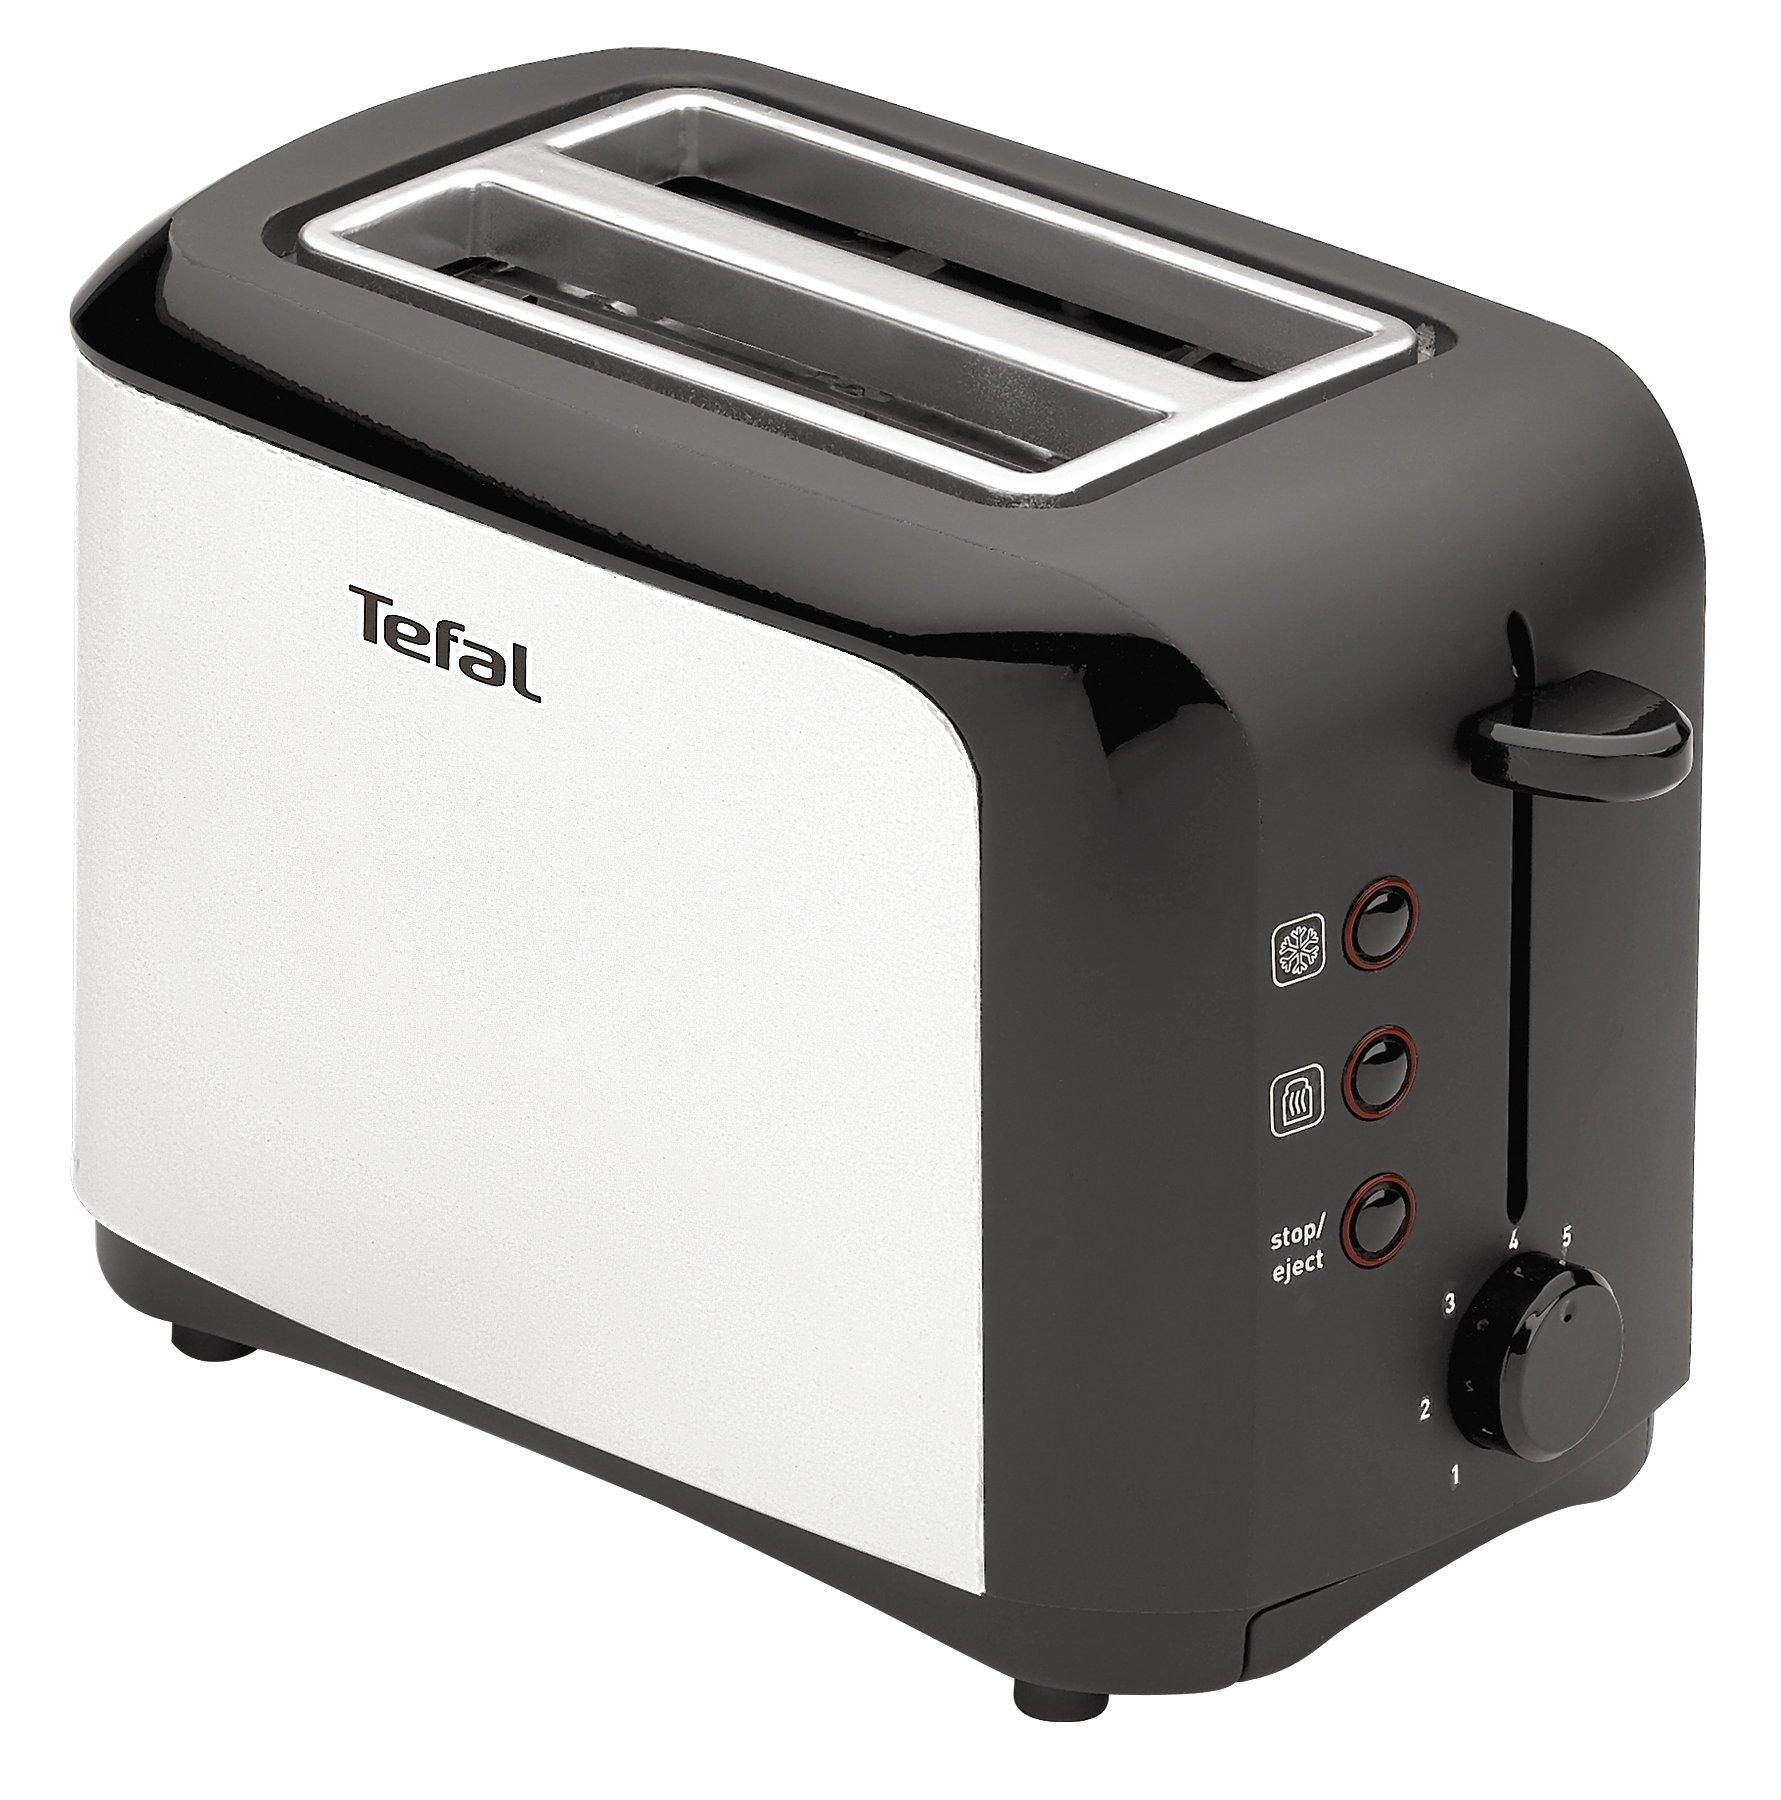 Tefal TT356110 Grille-pain 2 fentes Toaster Express Décongélation Réchauffage 7 Niveaux de Dorage 850W Inox et Noir product image